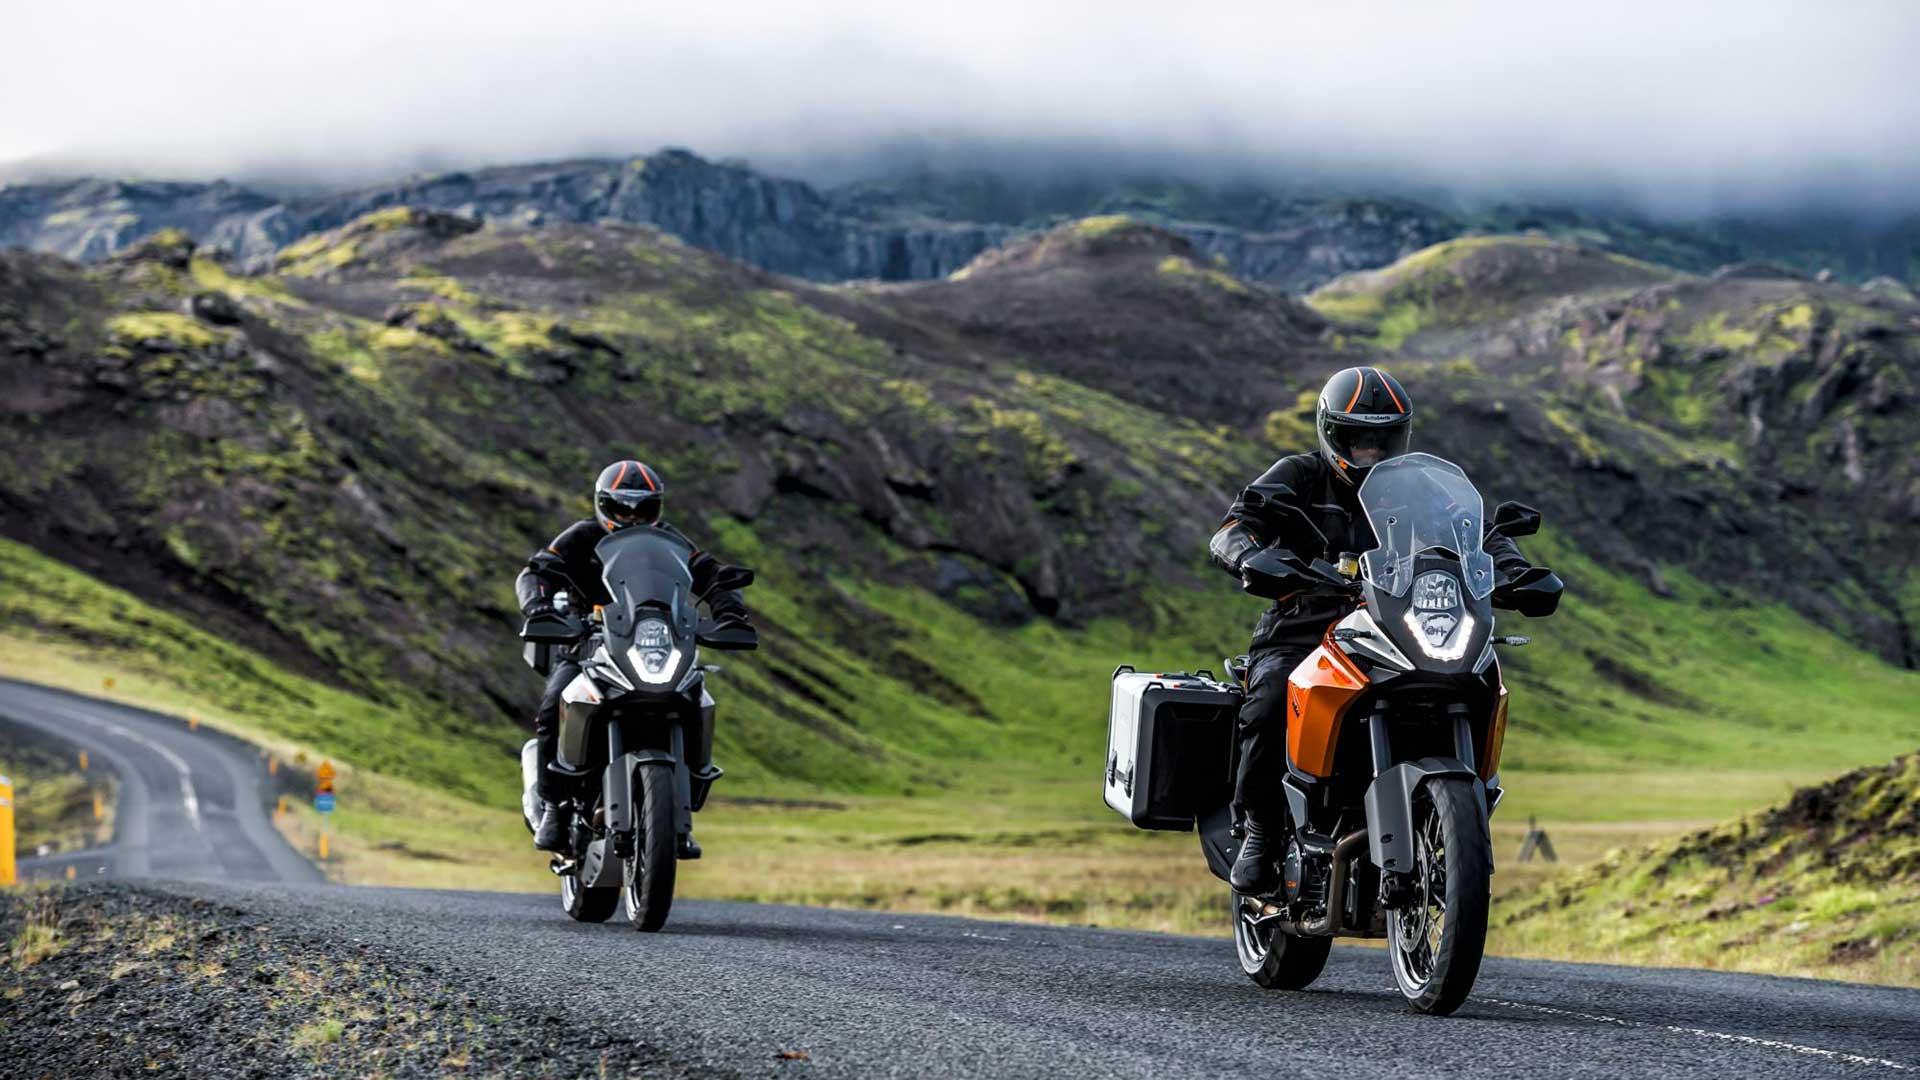 Continúa la senda negativa en julio: las matriculaciones de motos caen un 26,4%